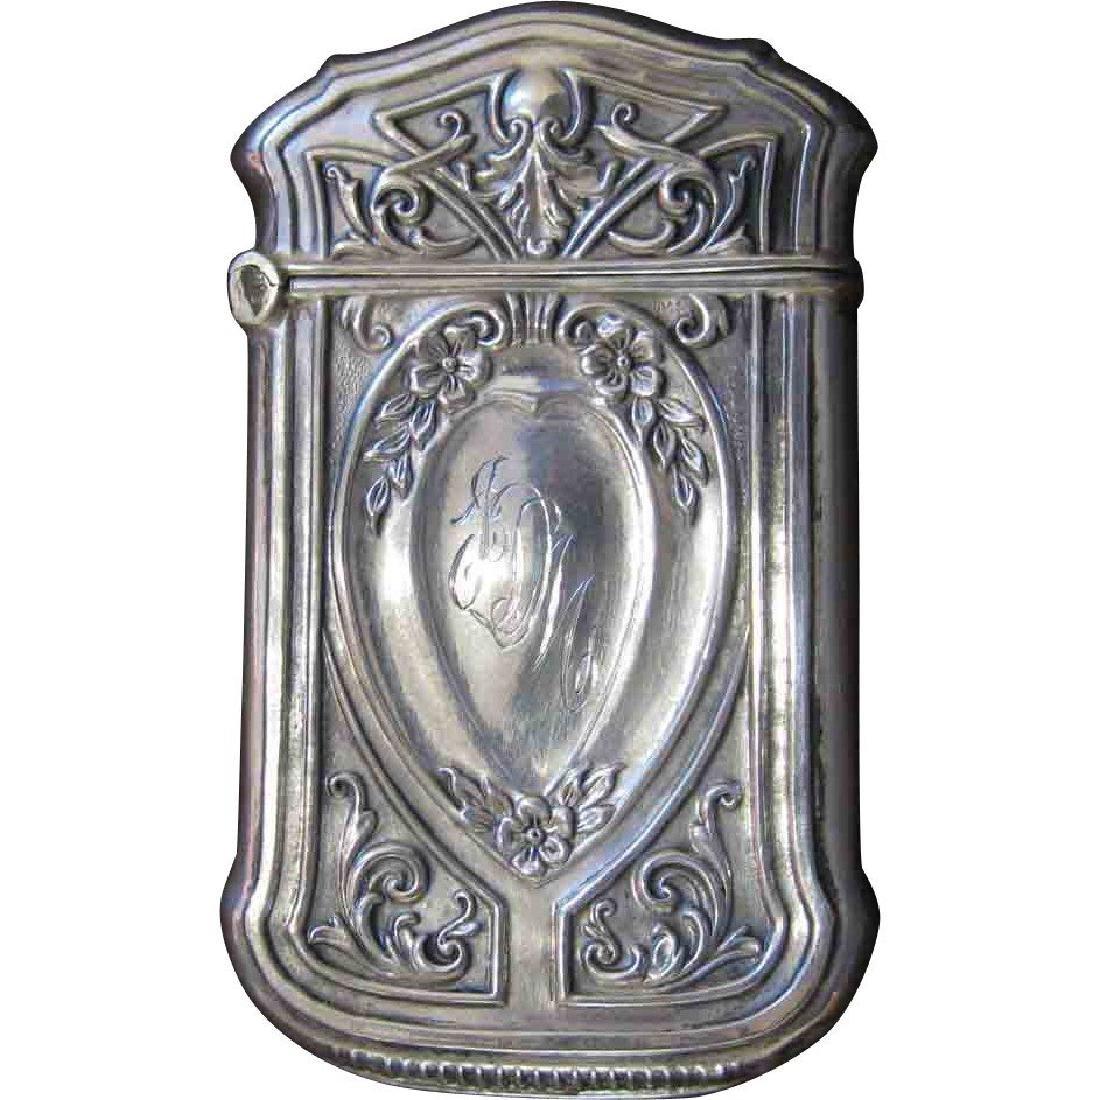 Webster Co Sterling Silver Floral Match Safe, 1880